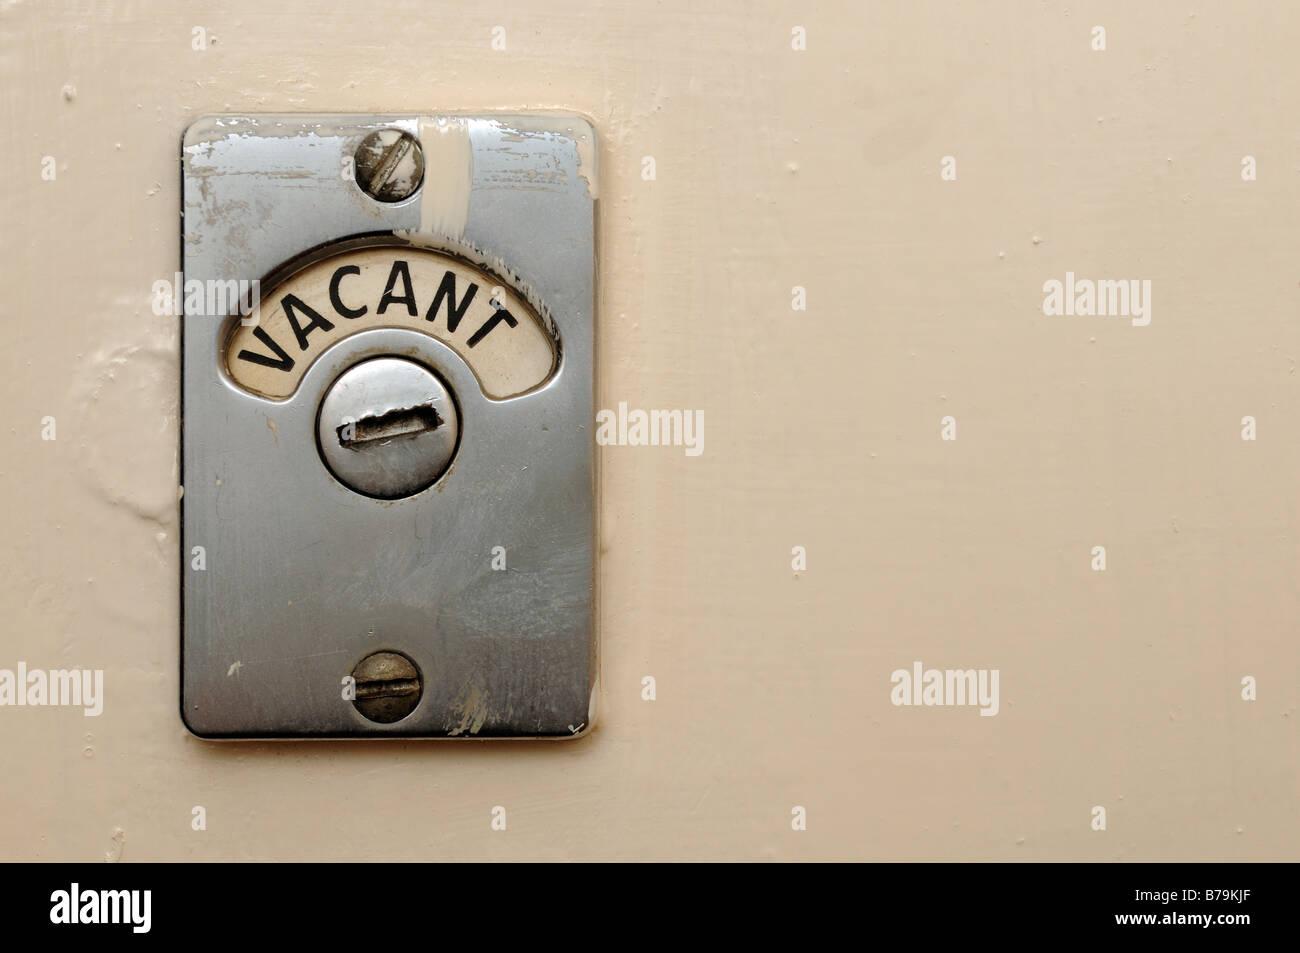 Vacant Toilet Door Lock